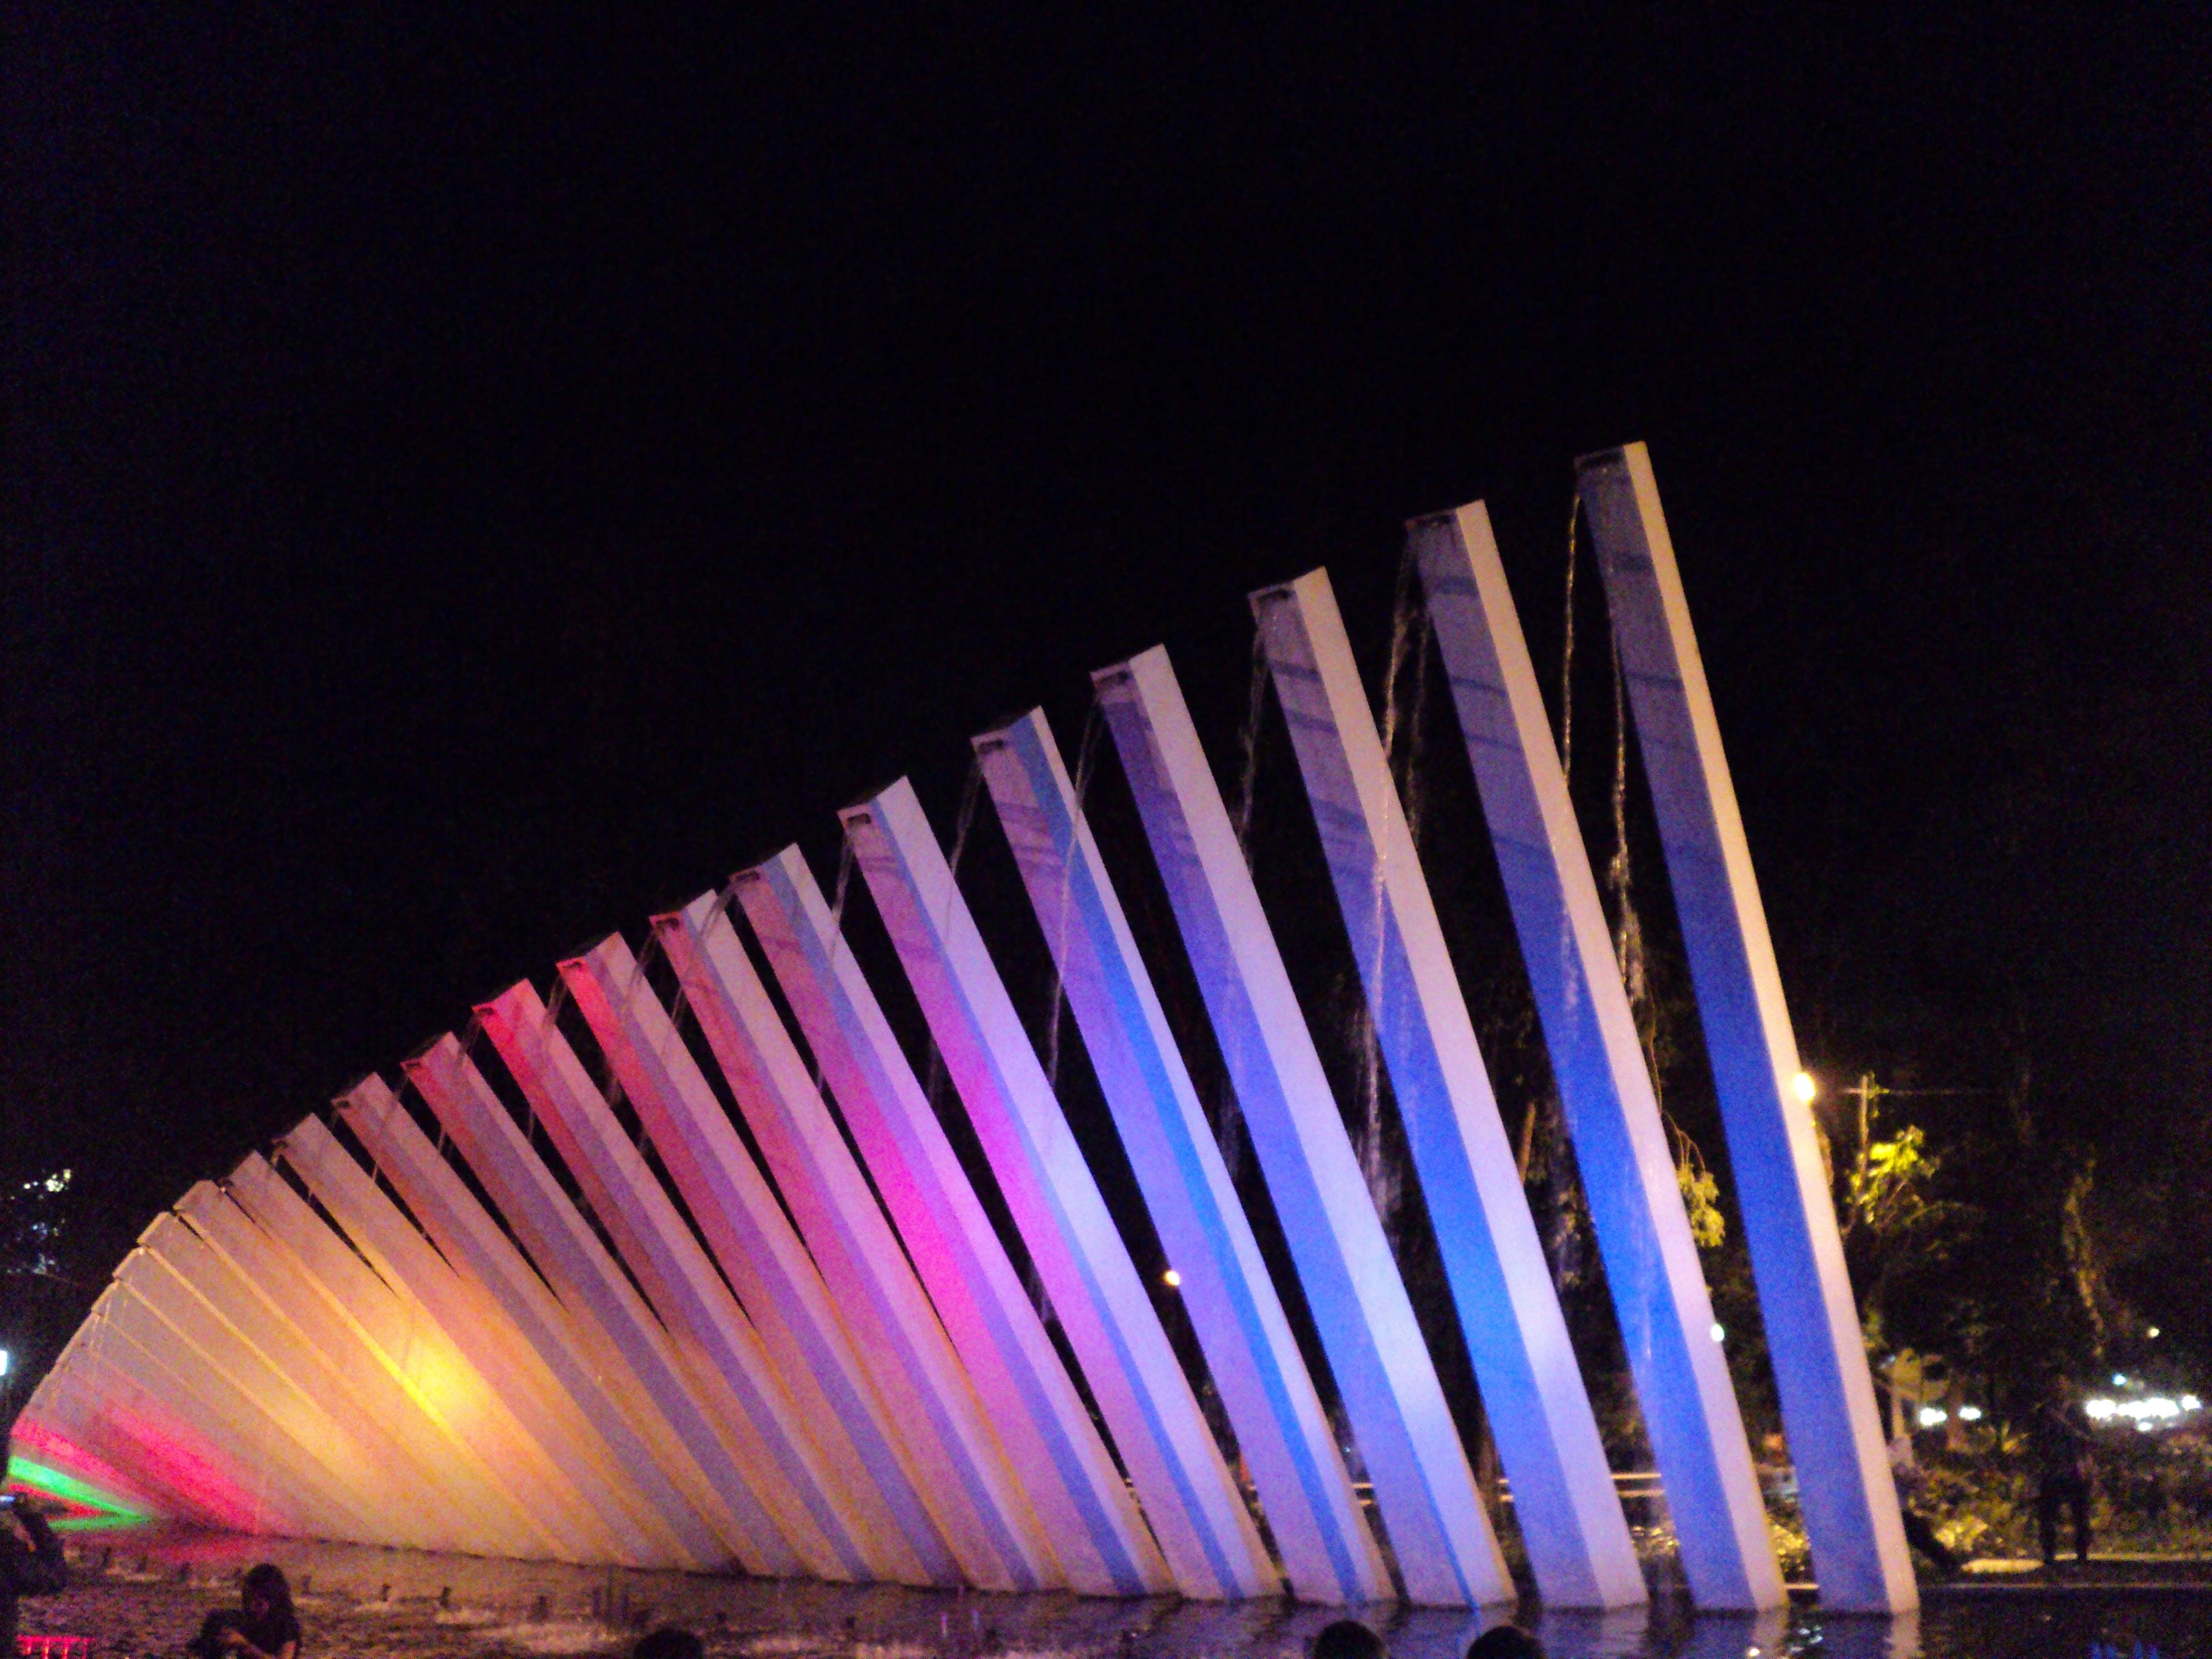 Monumen Surabaya Pelangi Wisata Bambu Runcing Kota